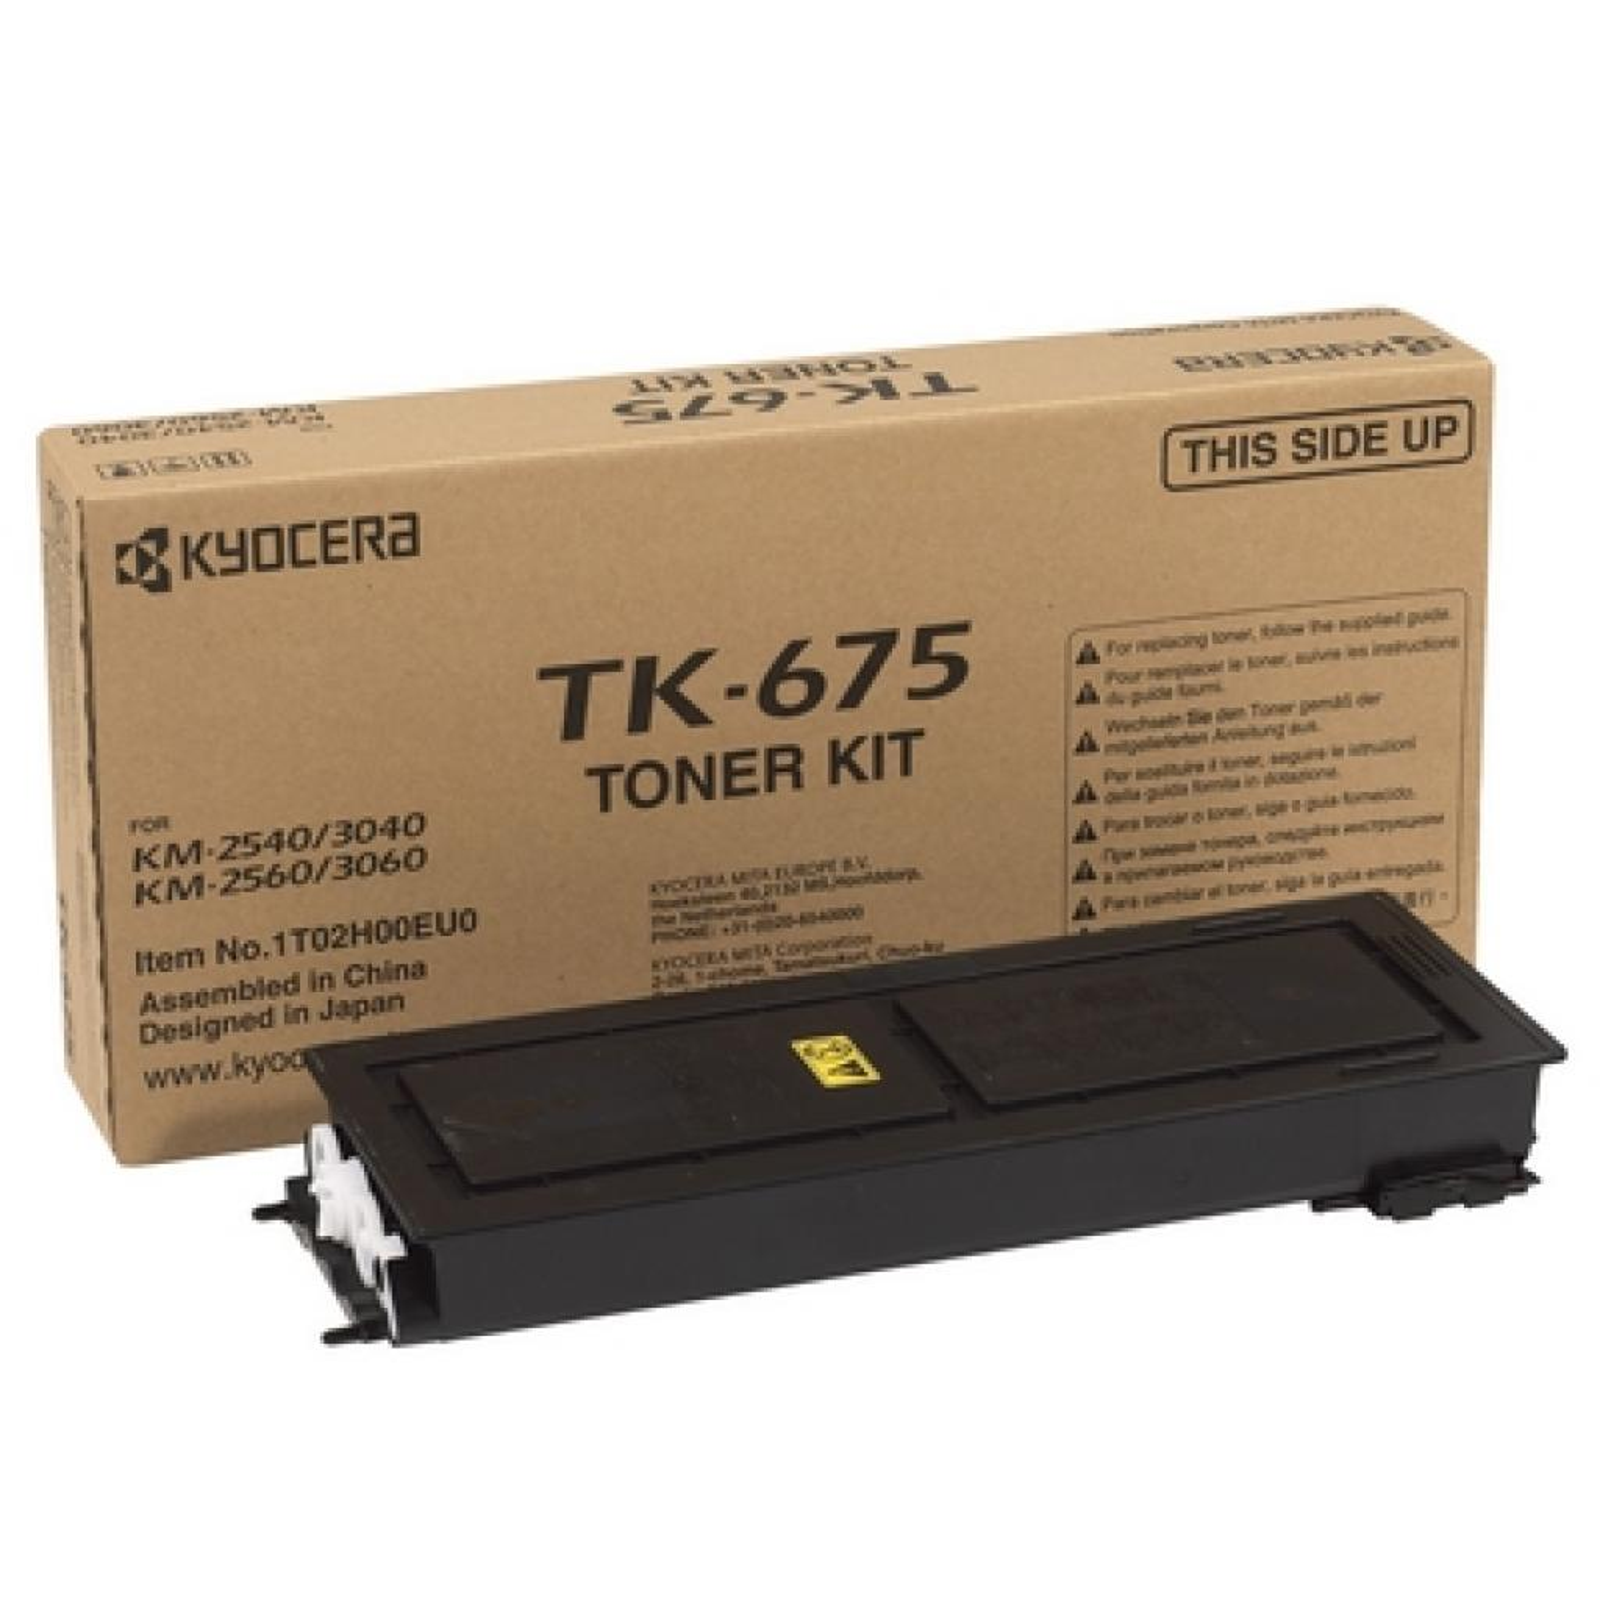 Тонер-картридж Kyocera TK-675 для KM-2540/3040/2560/3060 20К (1T02H00EU0)